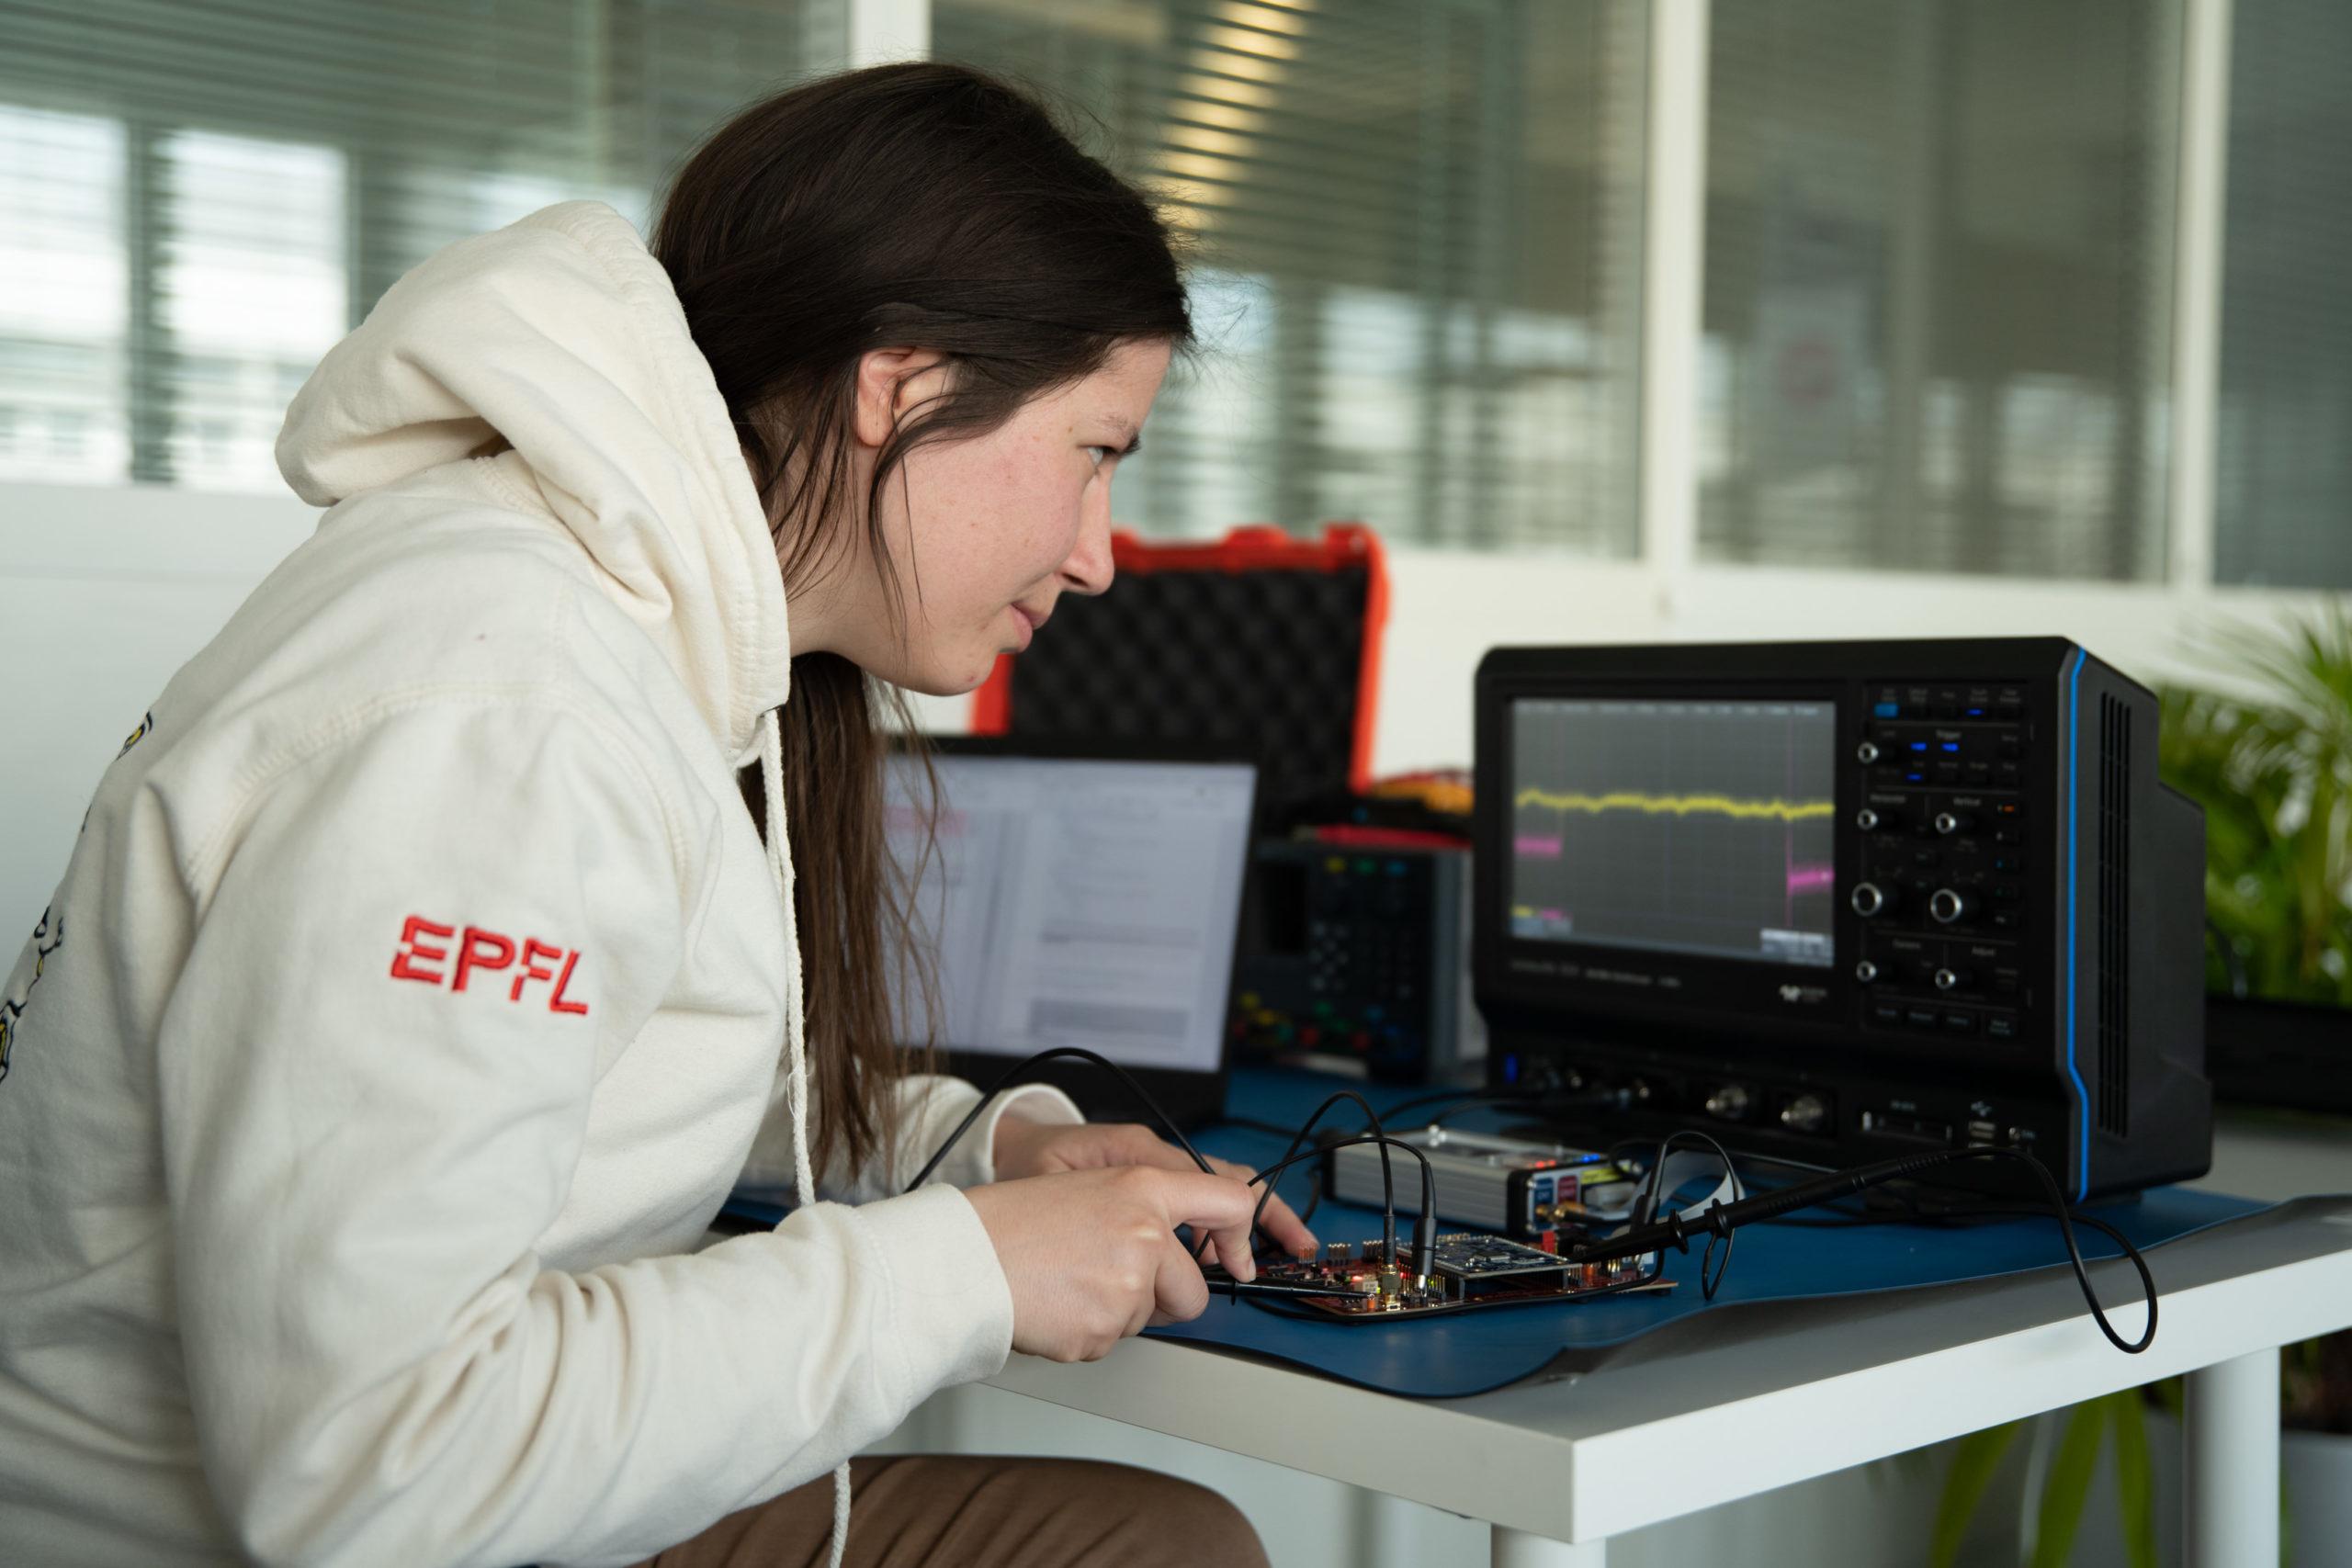 CYSEC lab